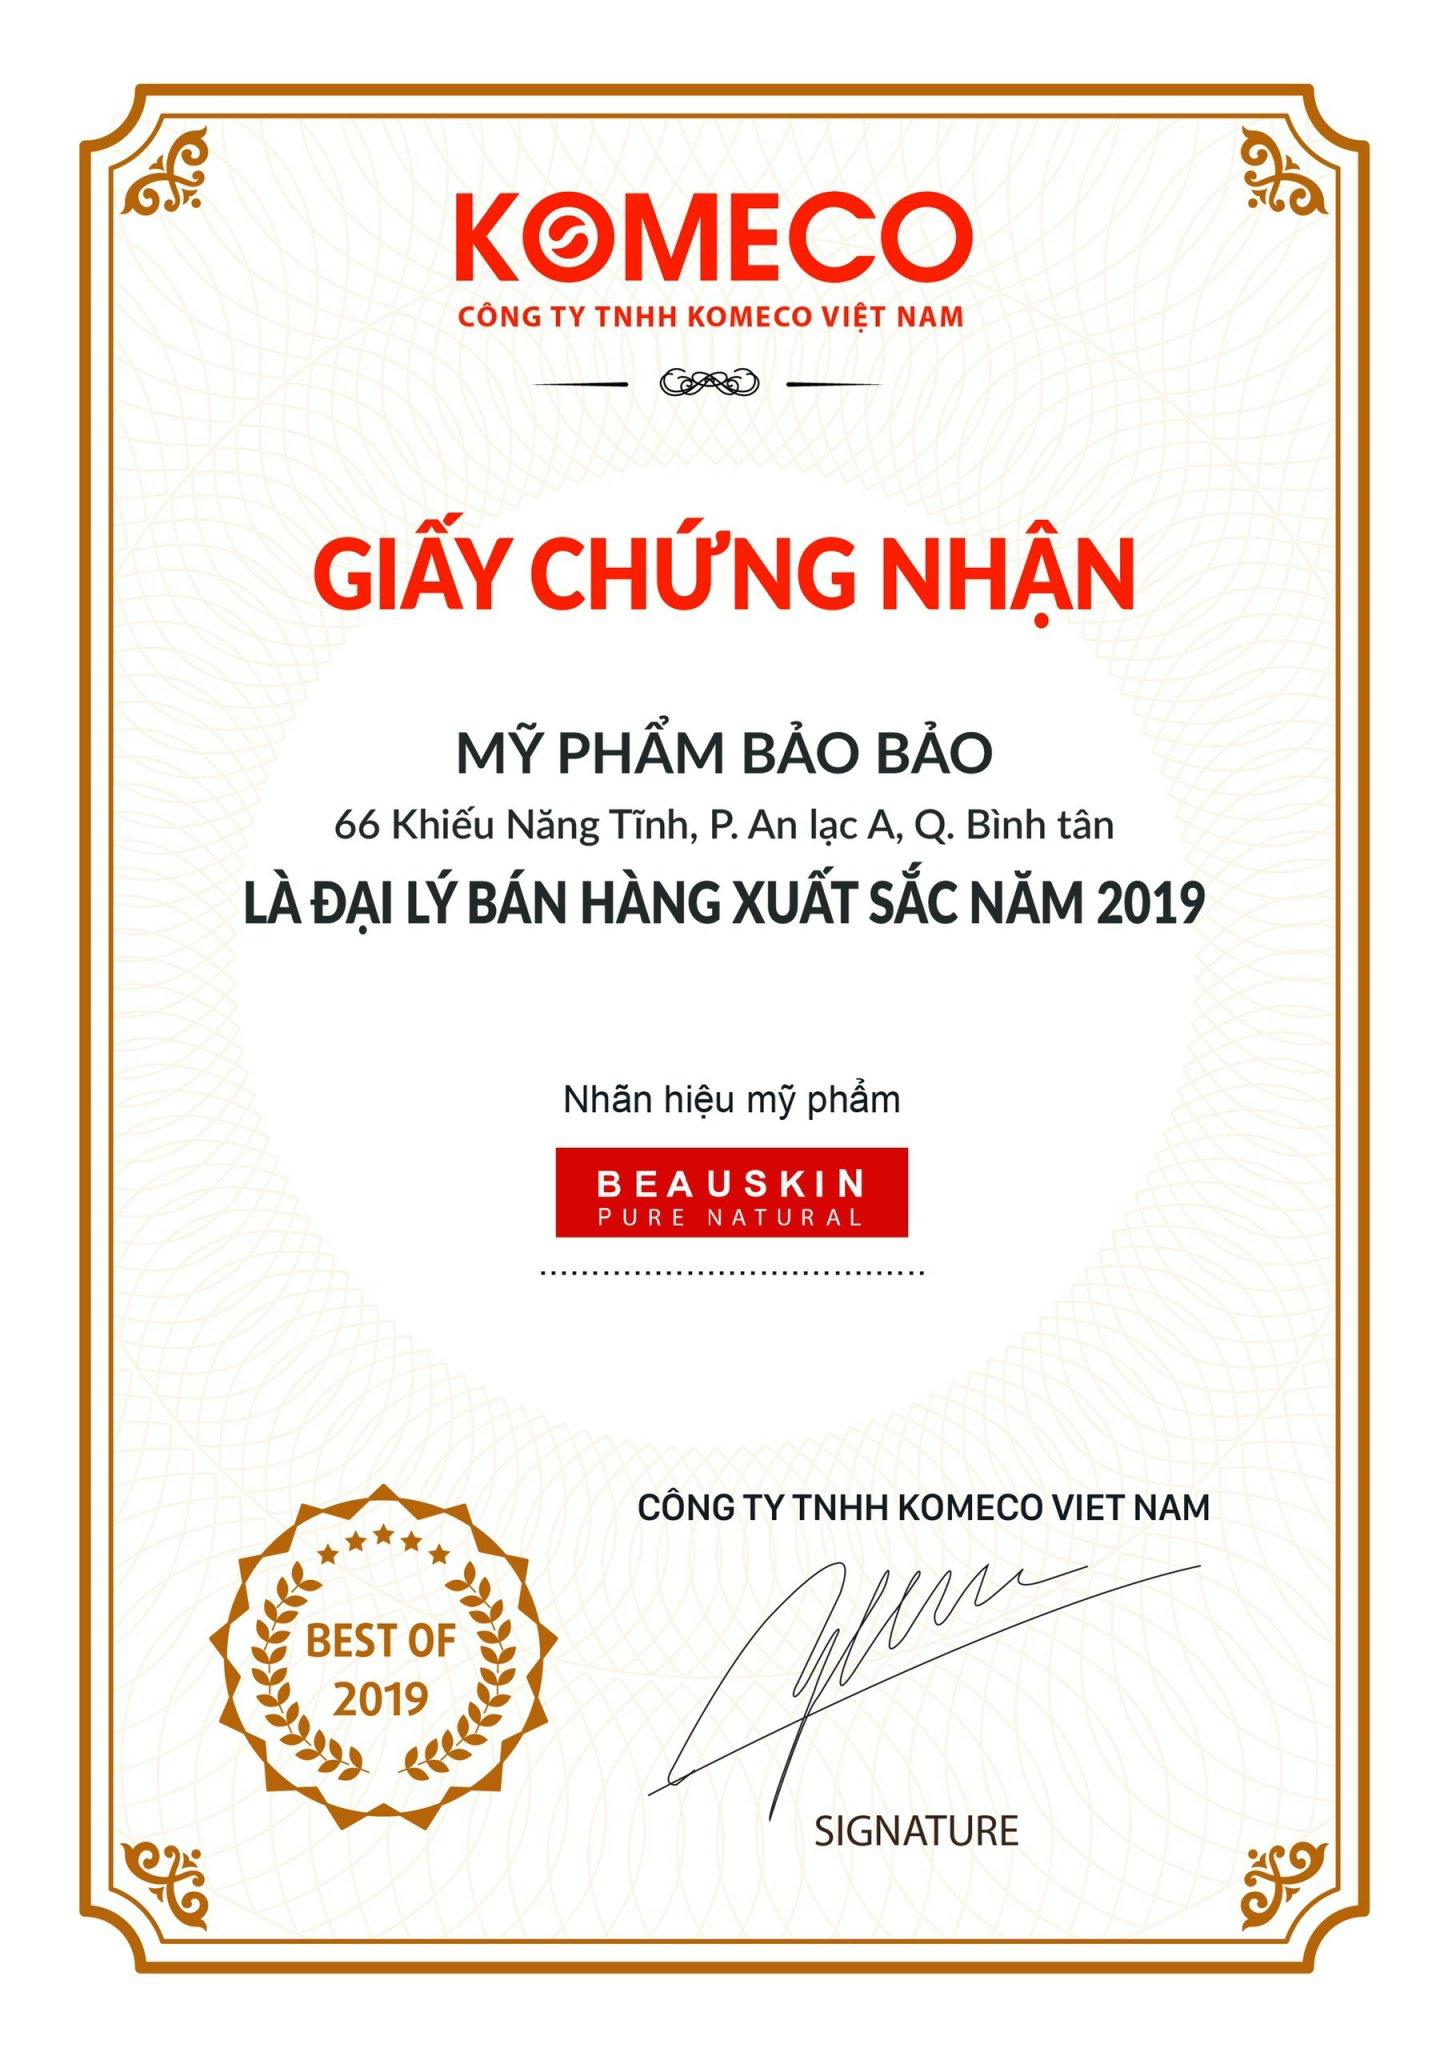 bang-chung-nhan-myphambaobao